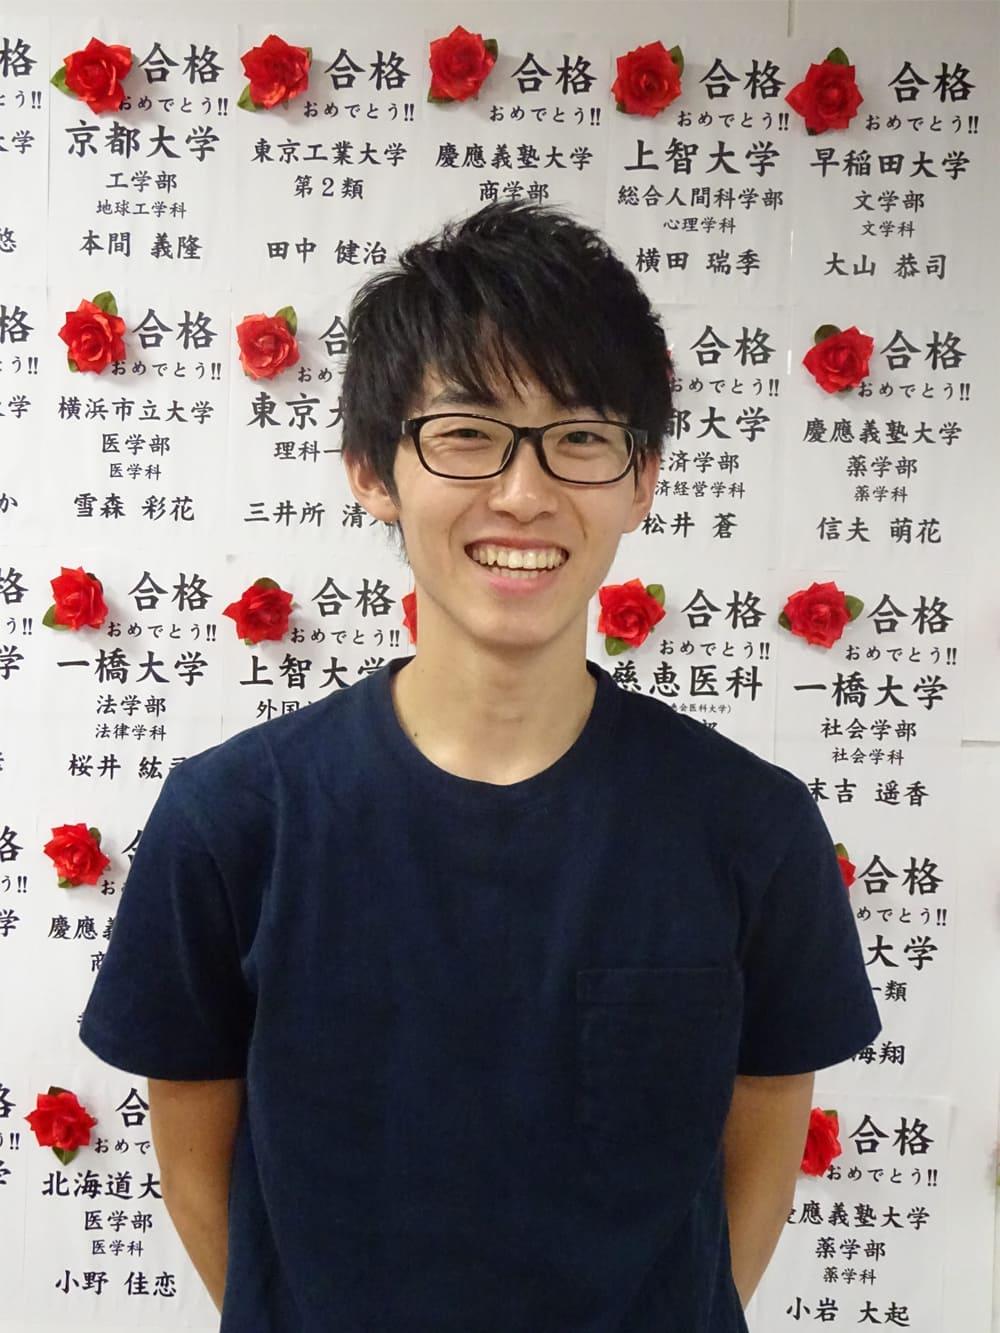 早稲田大学合格者1